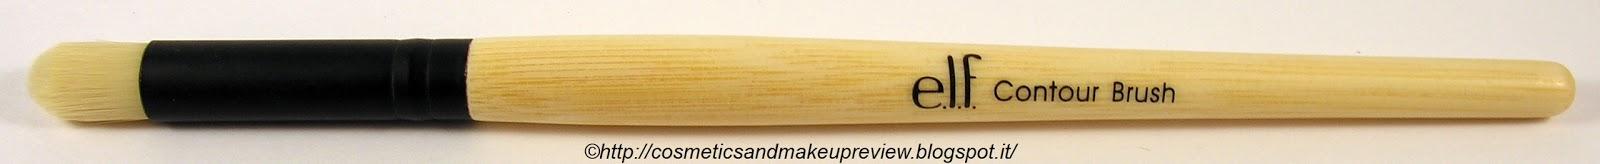 E.L.F. Contour Brush - pennello